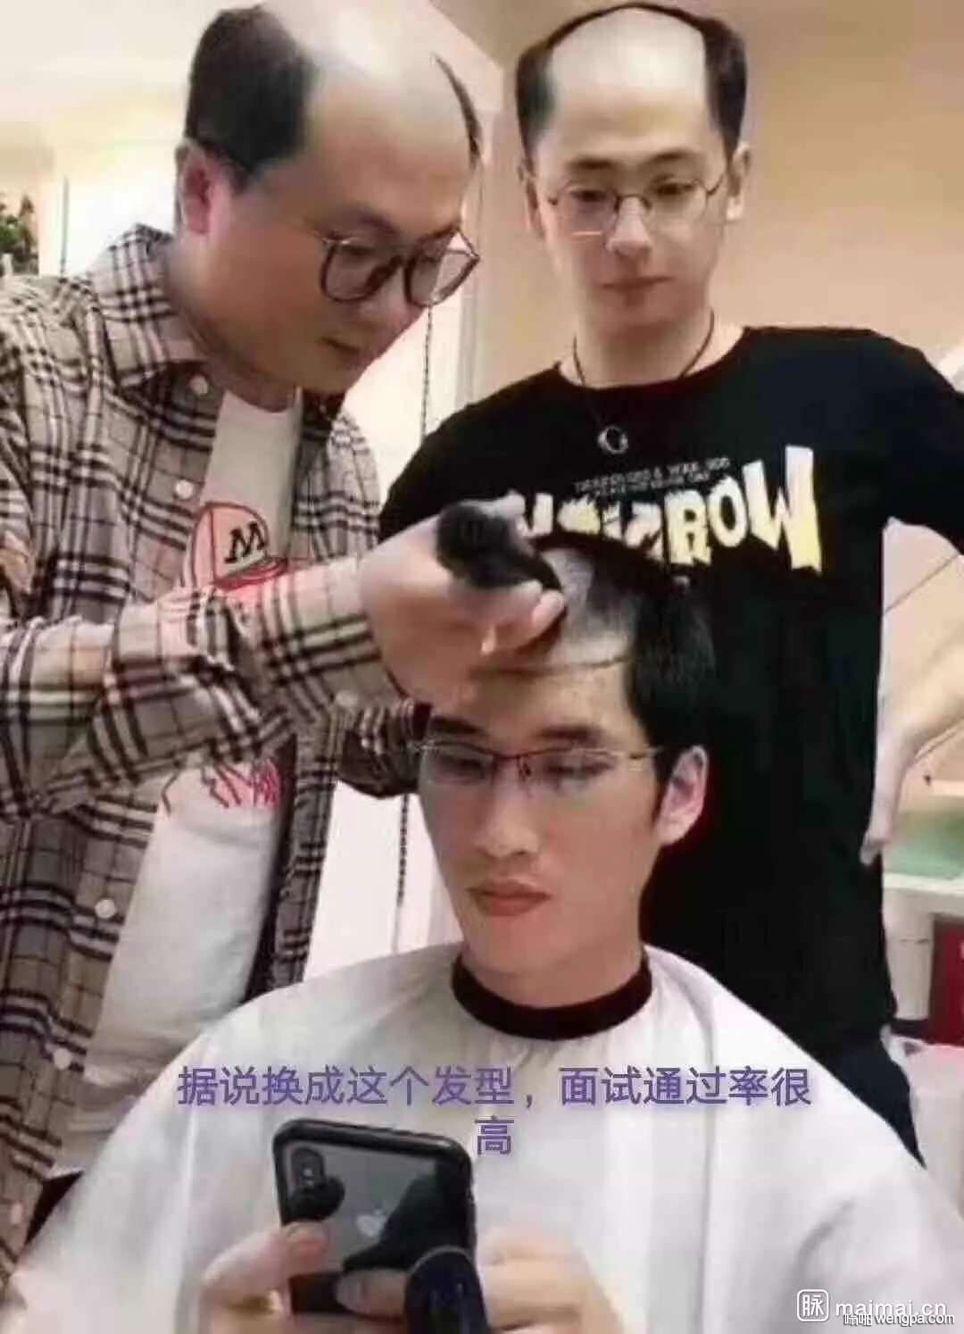 据说换这个发型 面试通过率很高